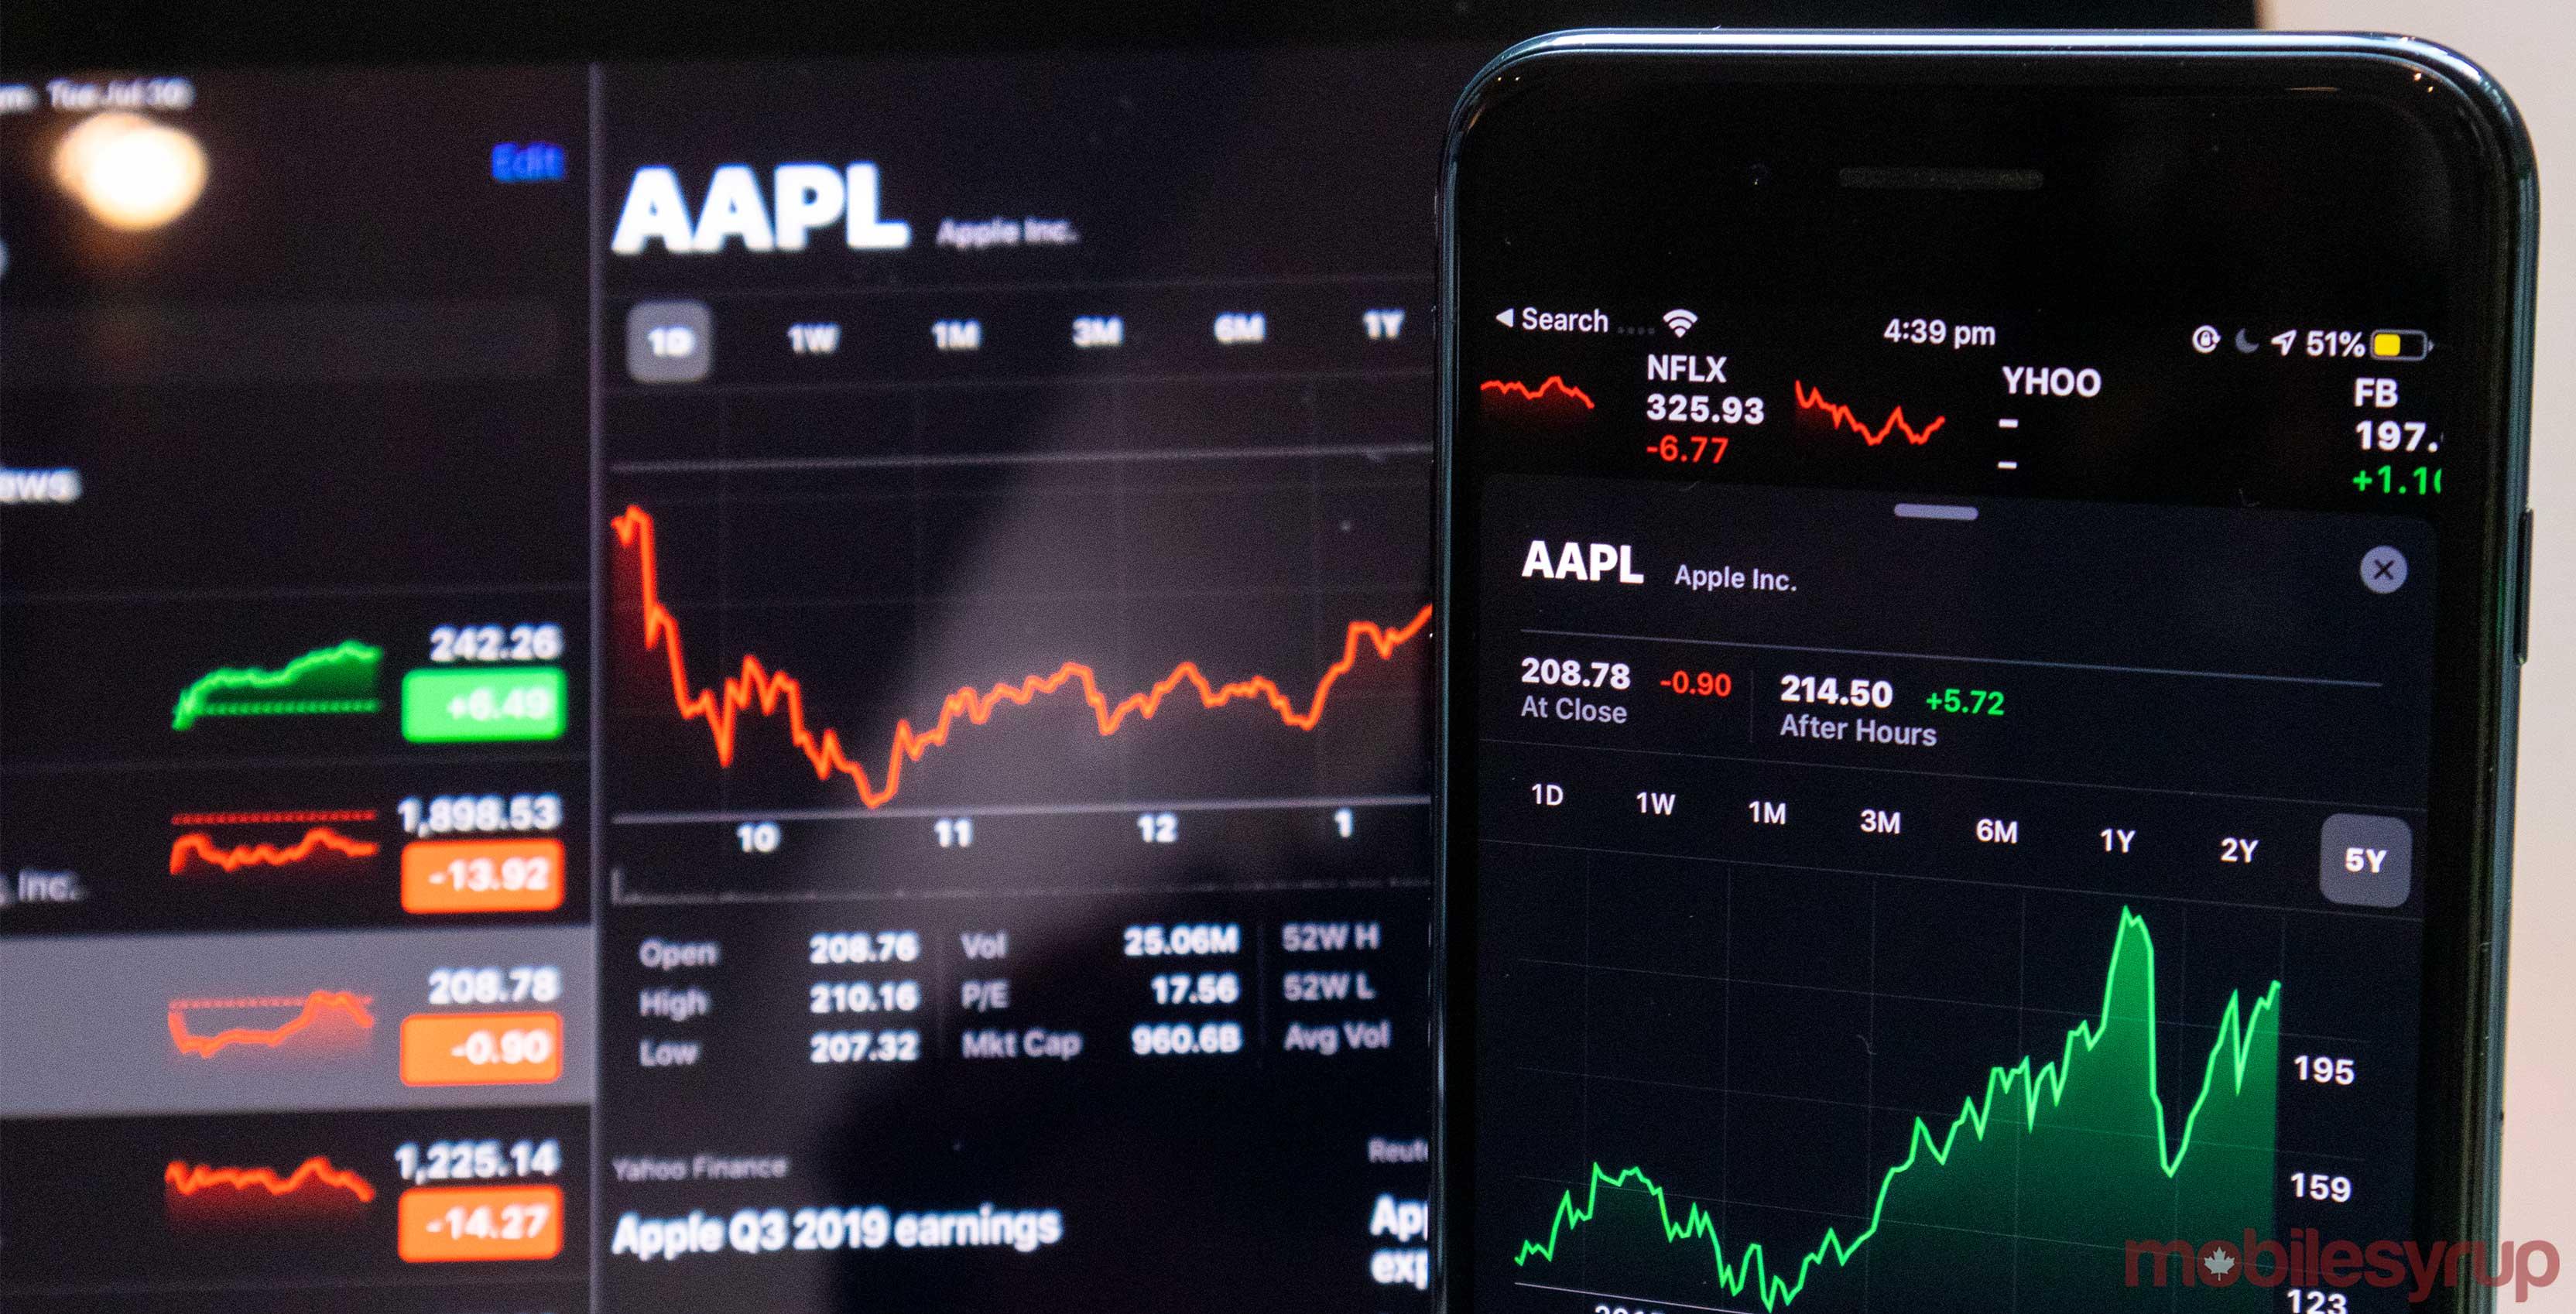 Appl earnings